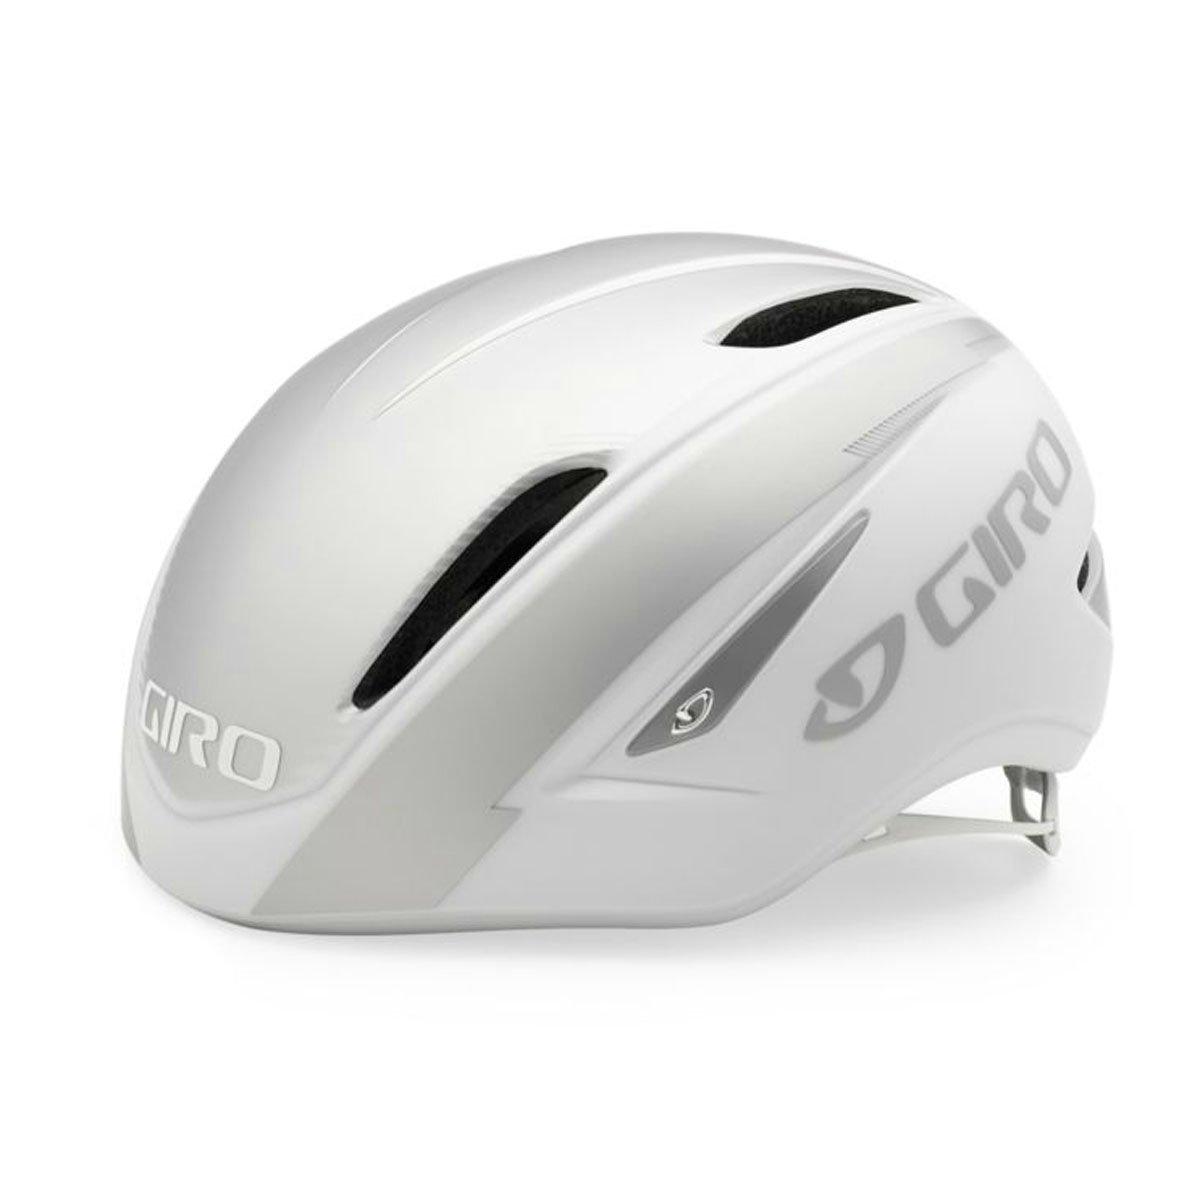 GIRO(ジロ) ヘルメット AIR ATTACK WHT/SLV Mサイズ   B00MX38R52